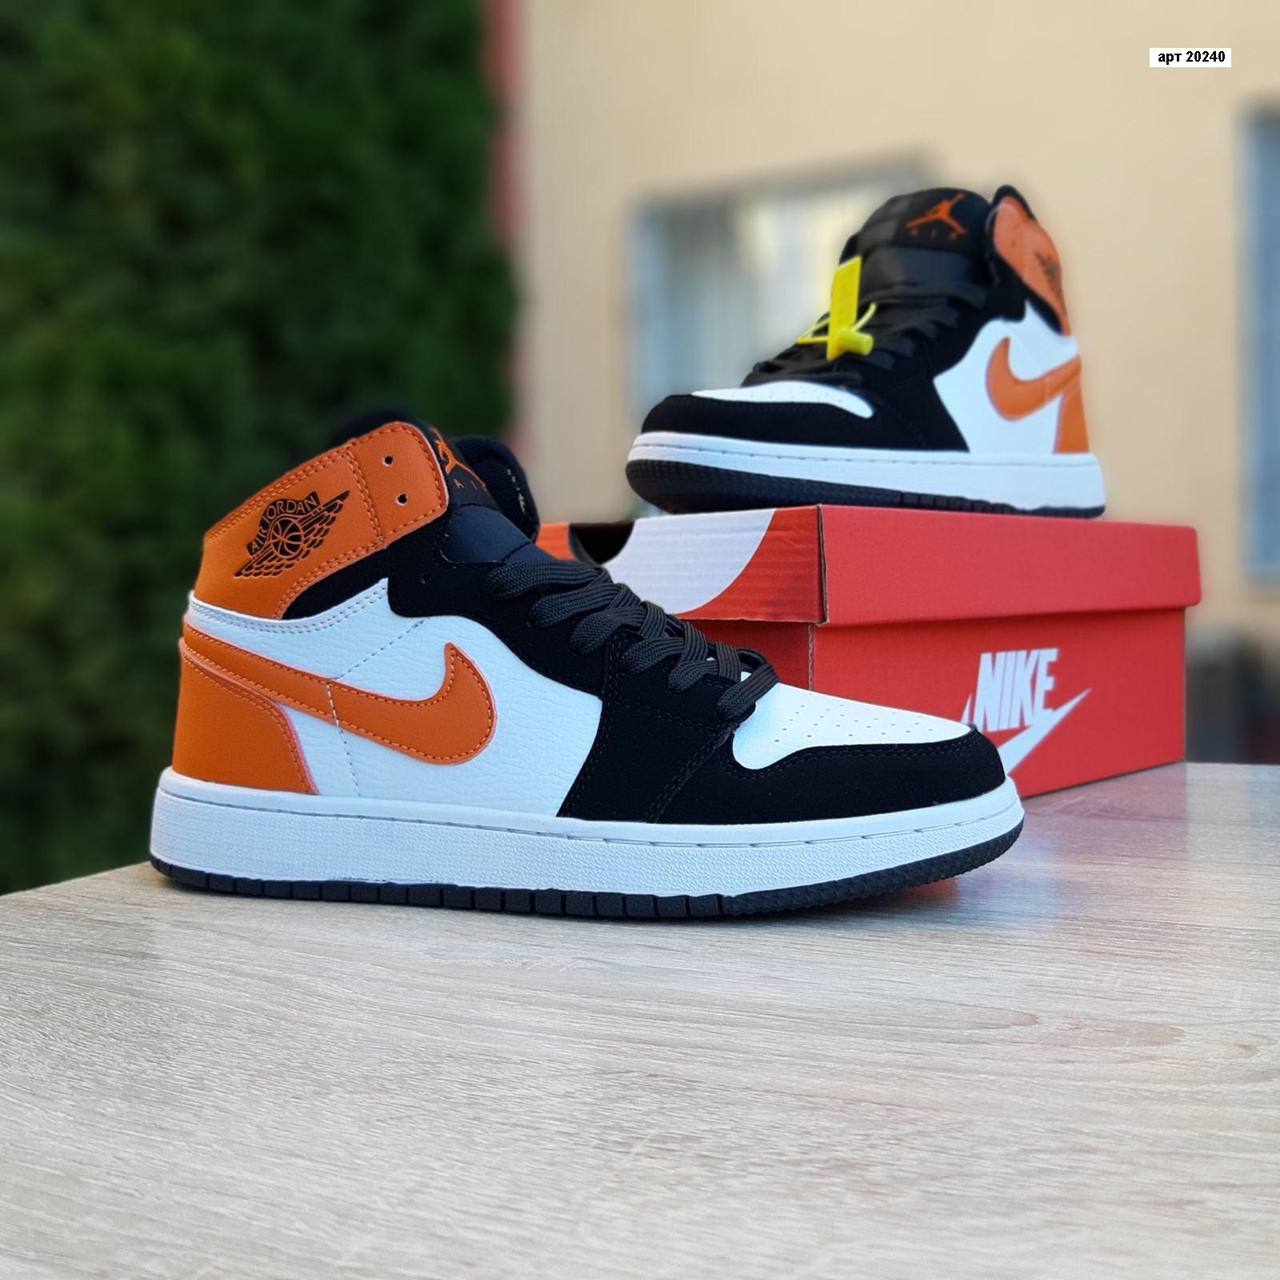 Женские кроссовки Nike Air Jordan (бело-черные с оранжевым) 20240